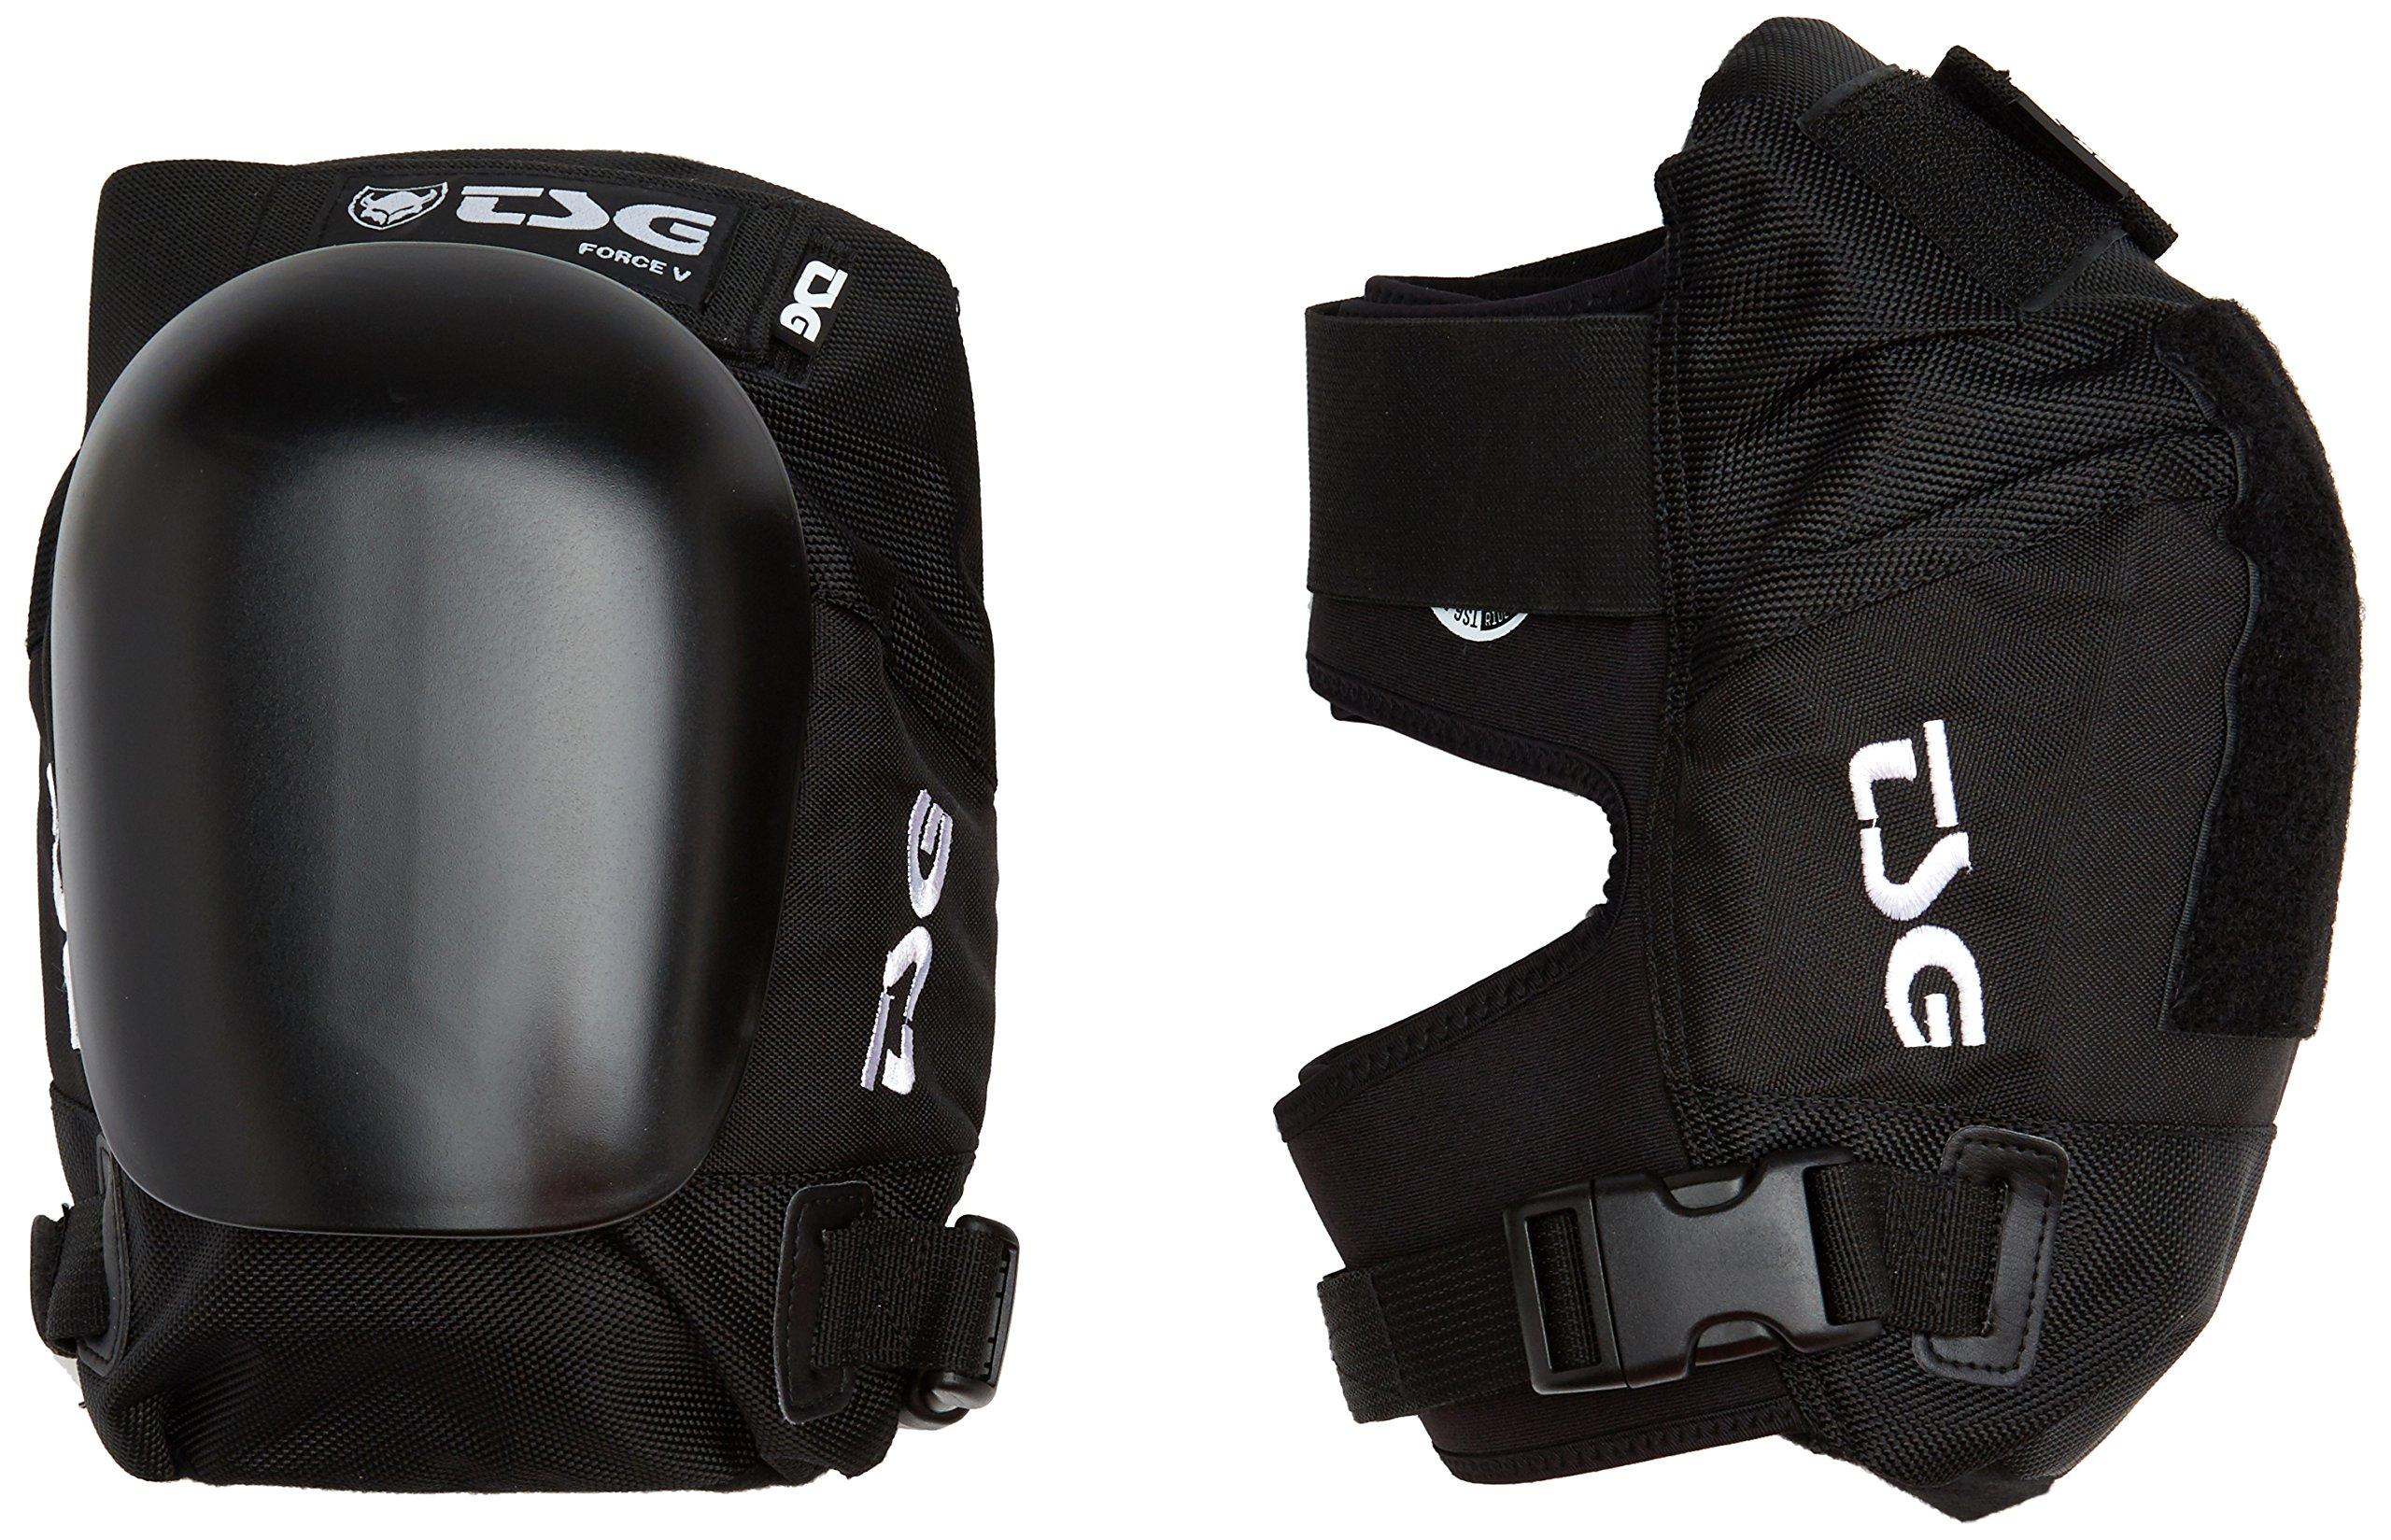 TSG - Kneepad Force V Pads for Skateboard (Black, S)